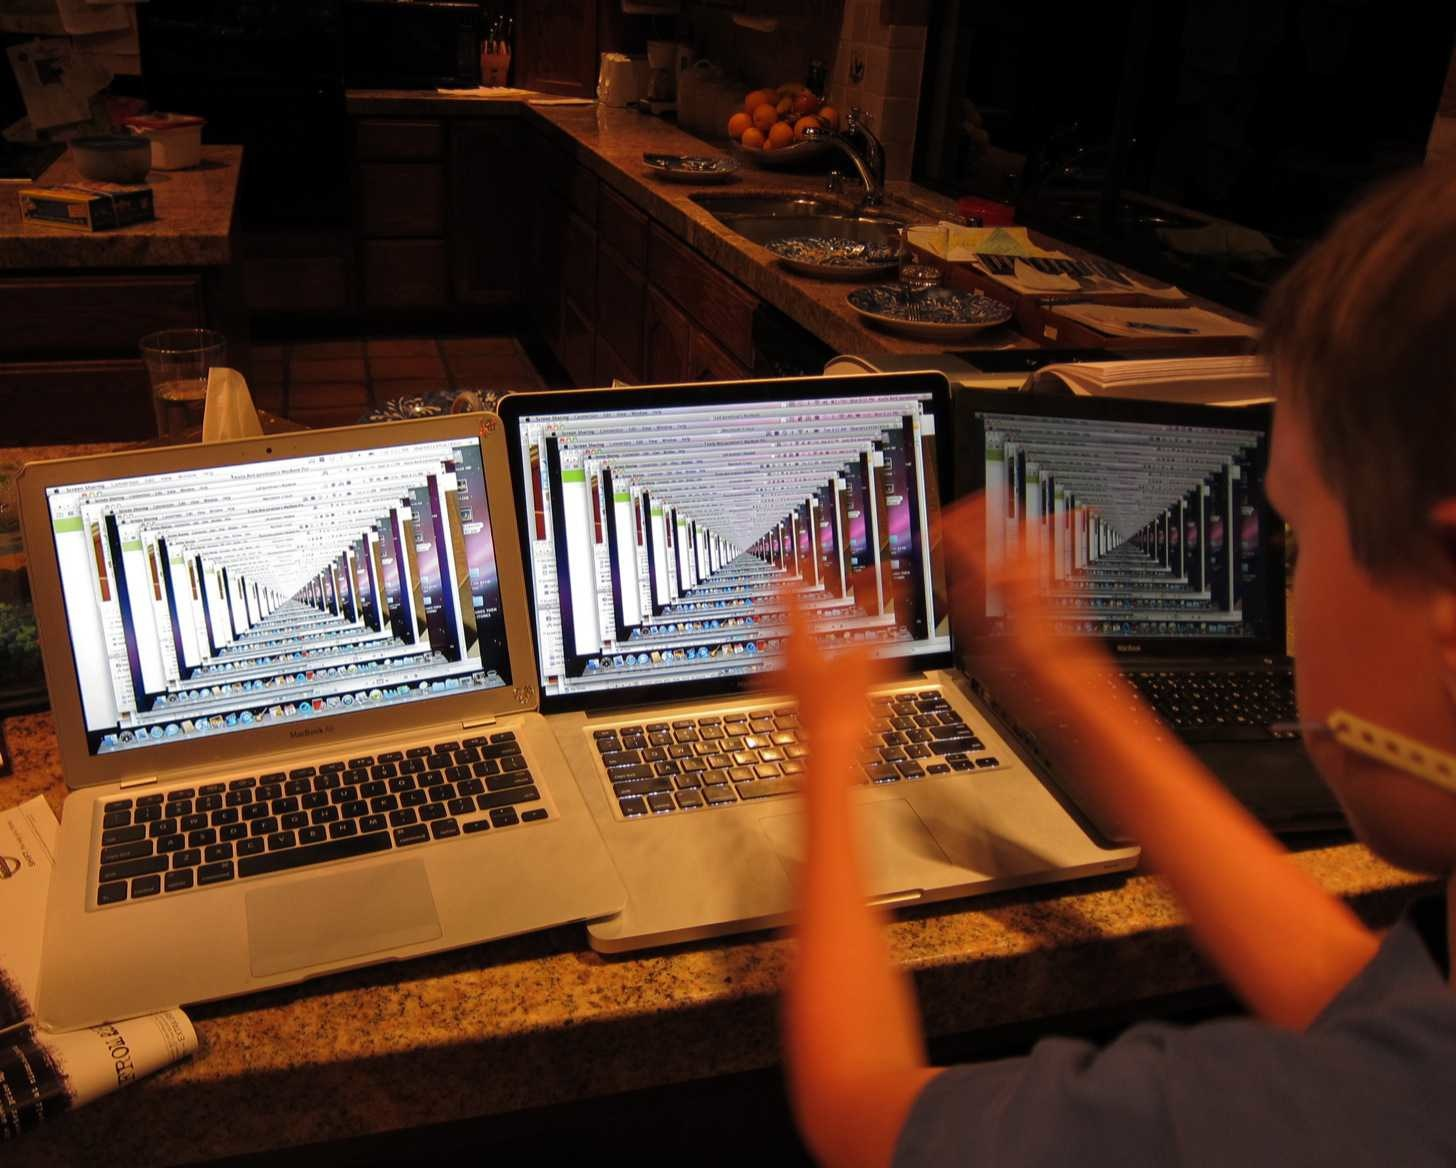 知ってた!?Macにも再起動のショートカットキーがある!